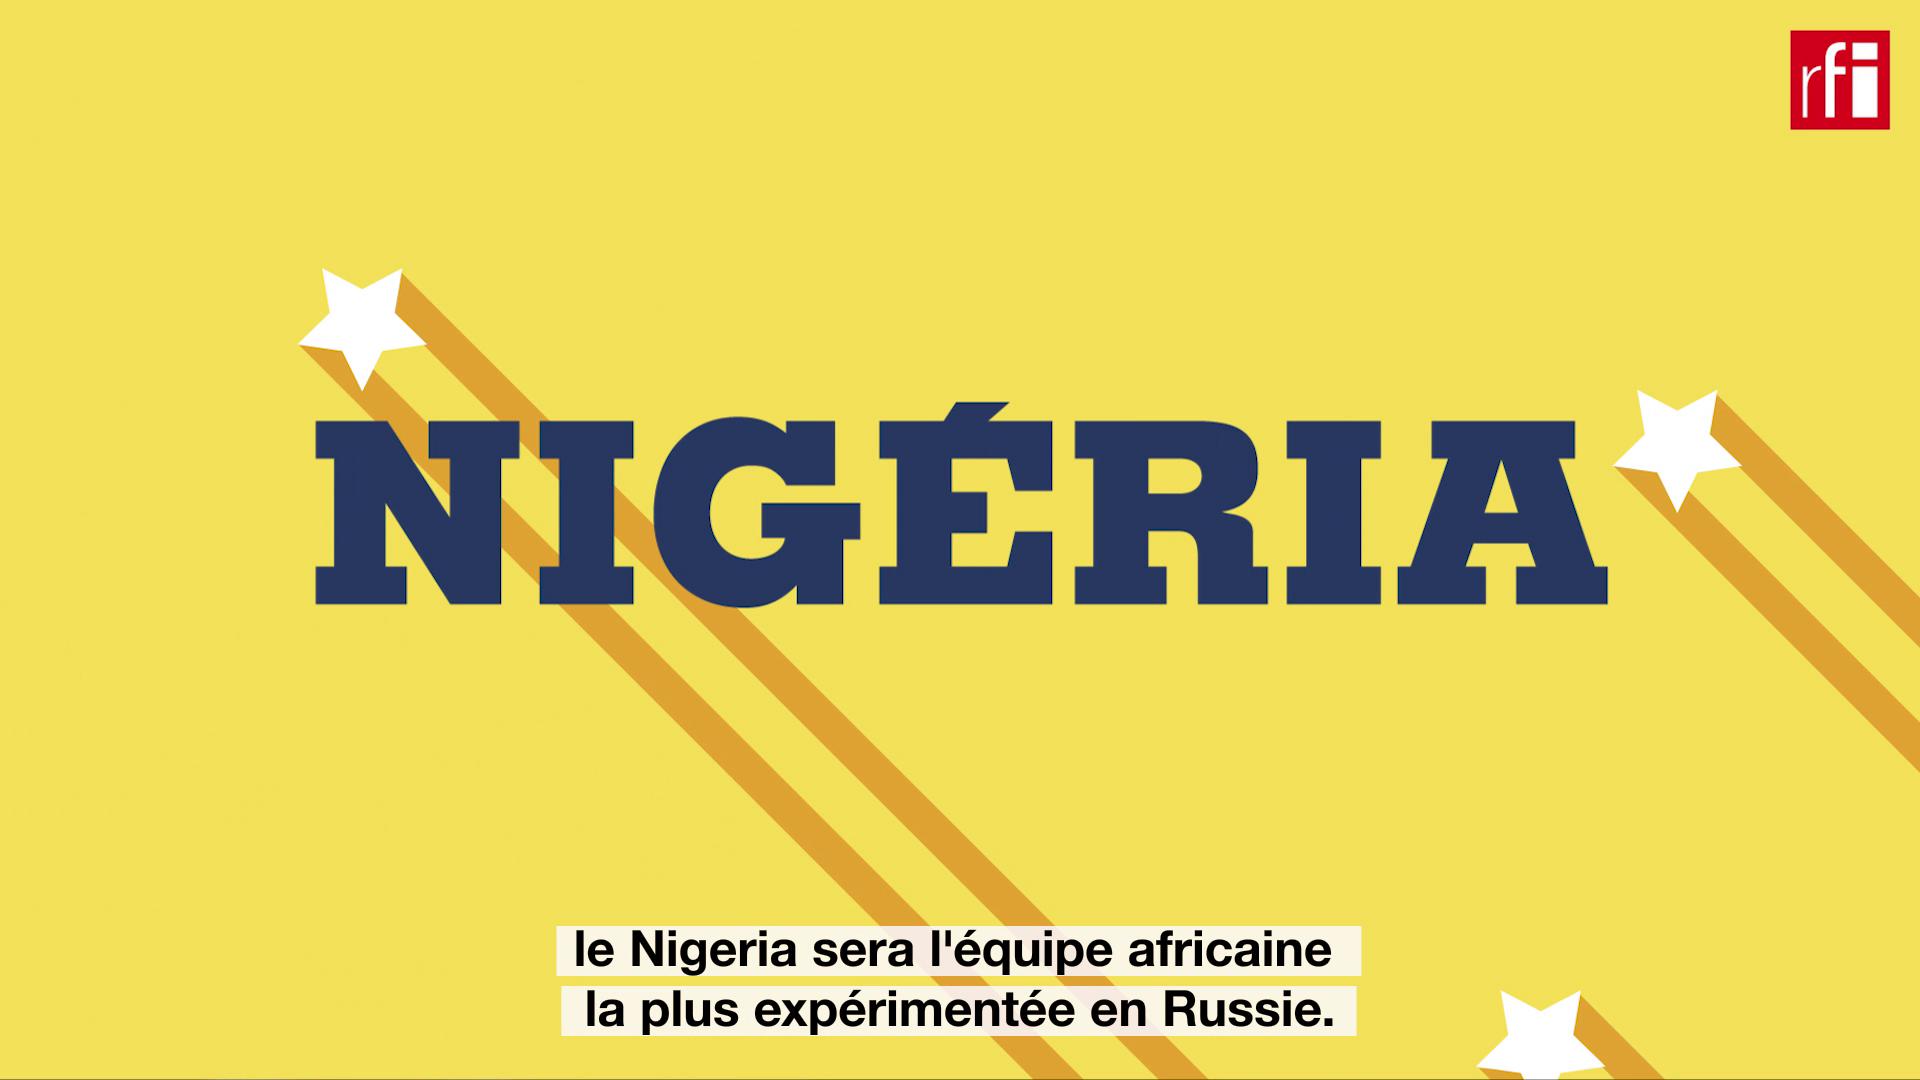 Le Nigeria fait figure d'équipe africaine expérimentée.